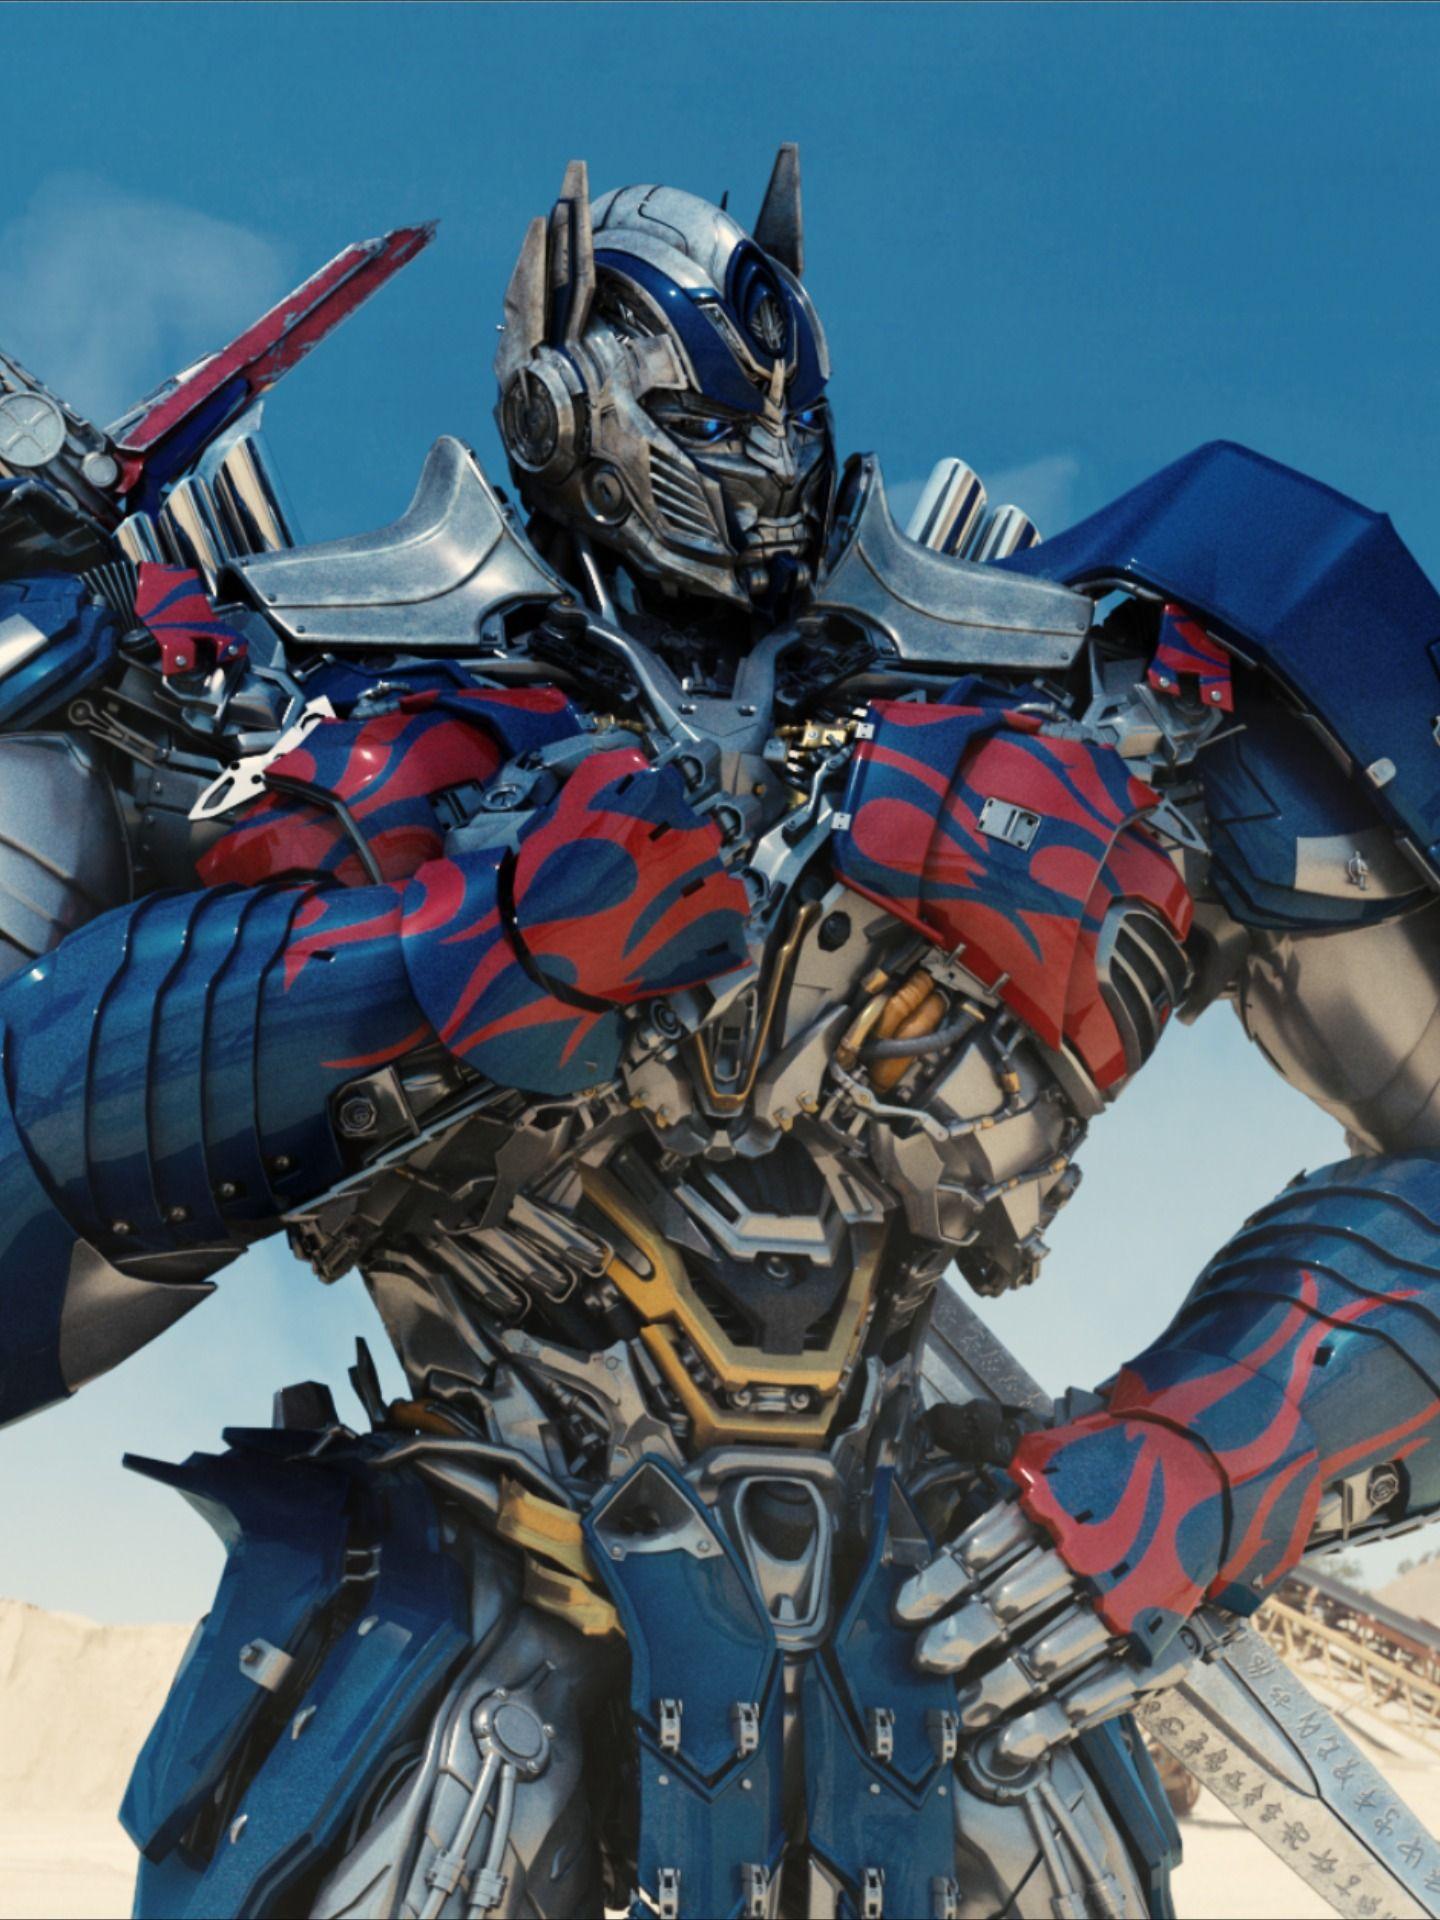 Optimus Prime 3d Model In 2021 Optimus Prime Wallpaper Transformers Optimus Prime Wallpaper Transformers Optimus Prime